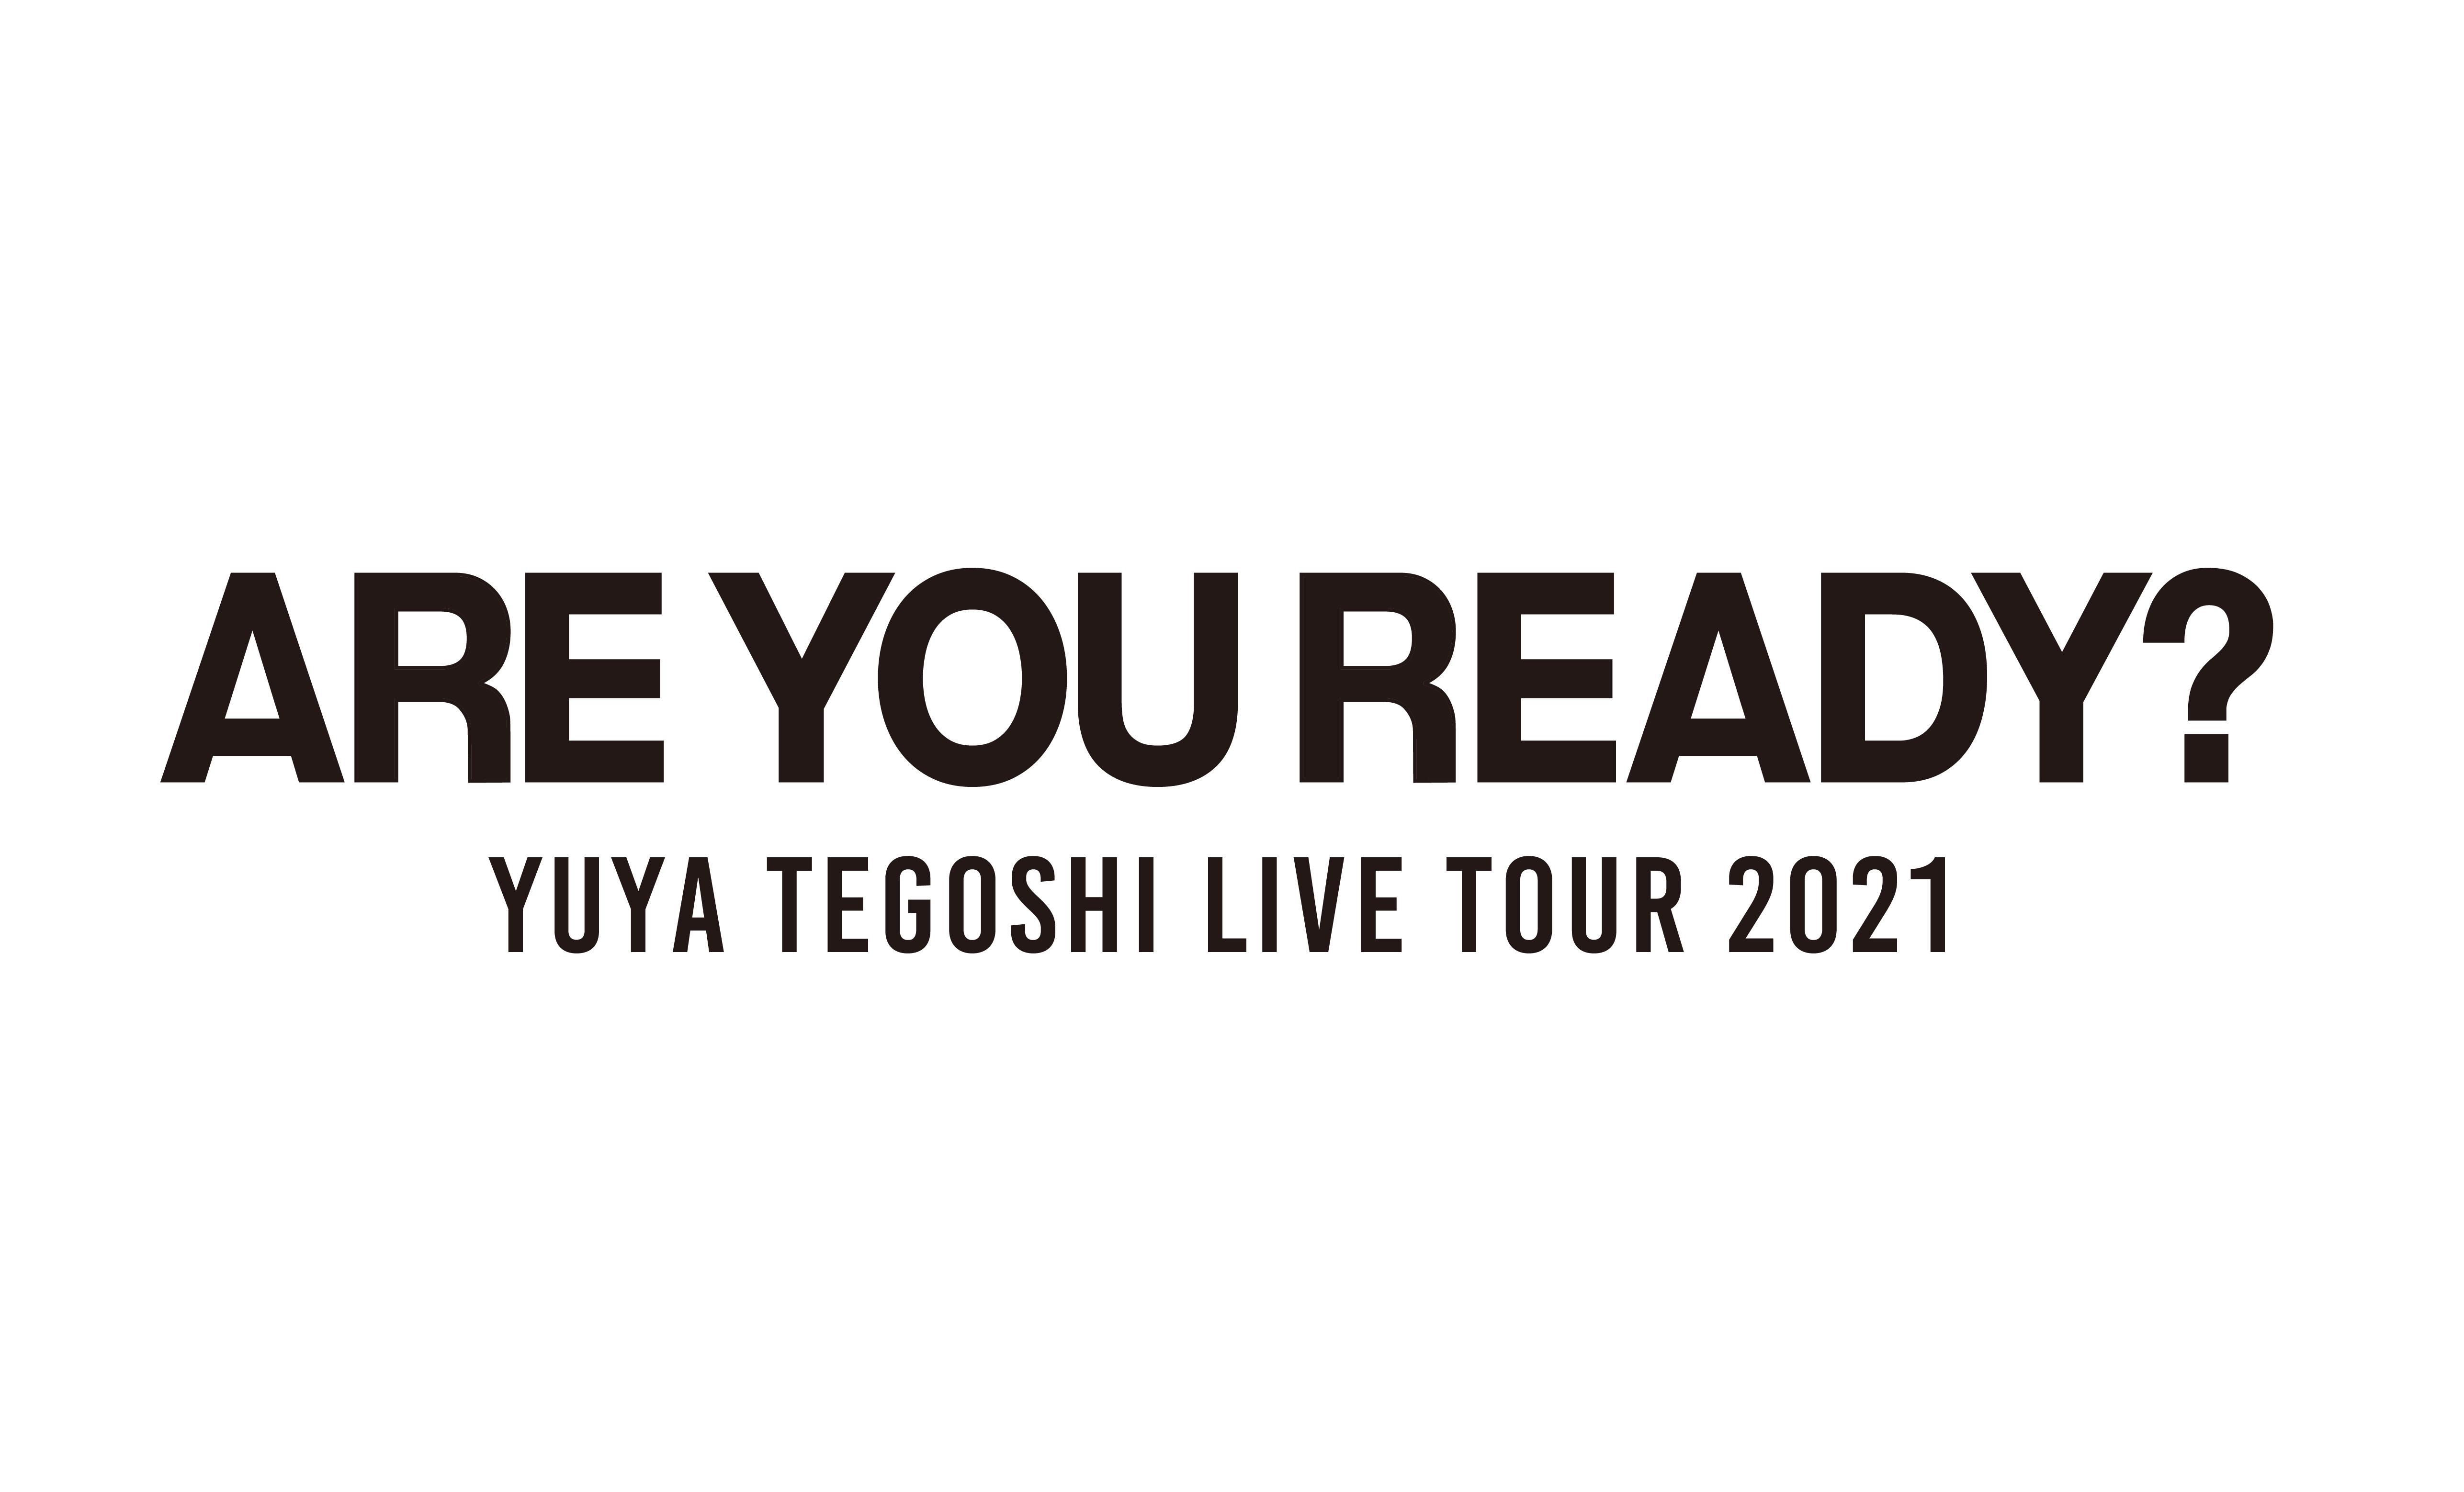 手越祐也 LIVE TOUR 2021「ARE YOU READY?」追加公演 月額会員先行受付開始!